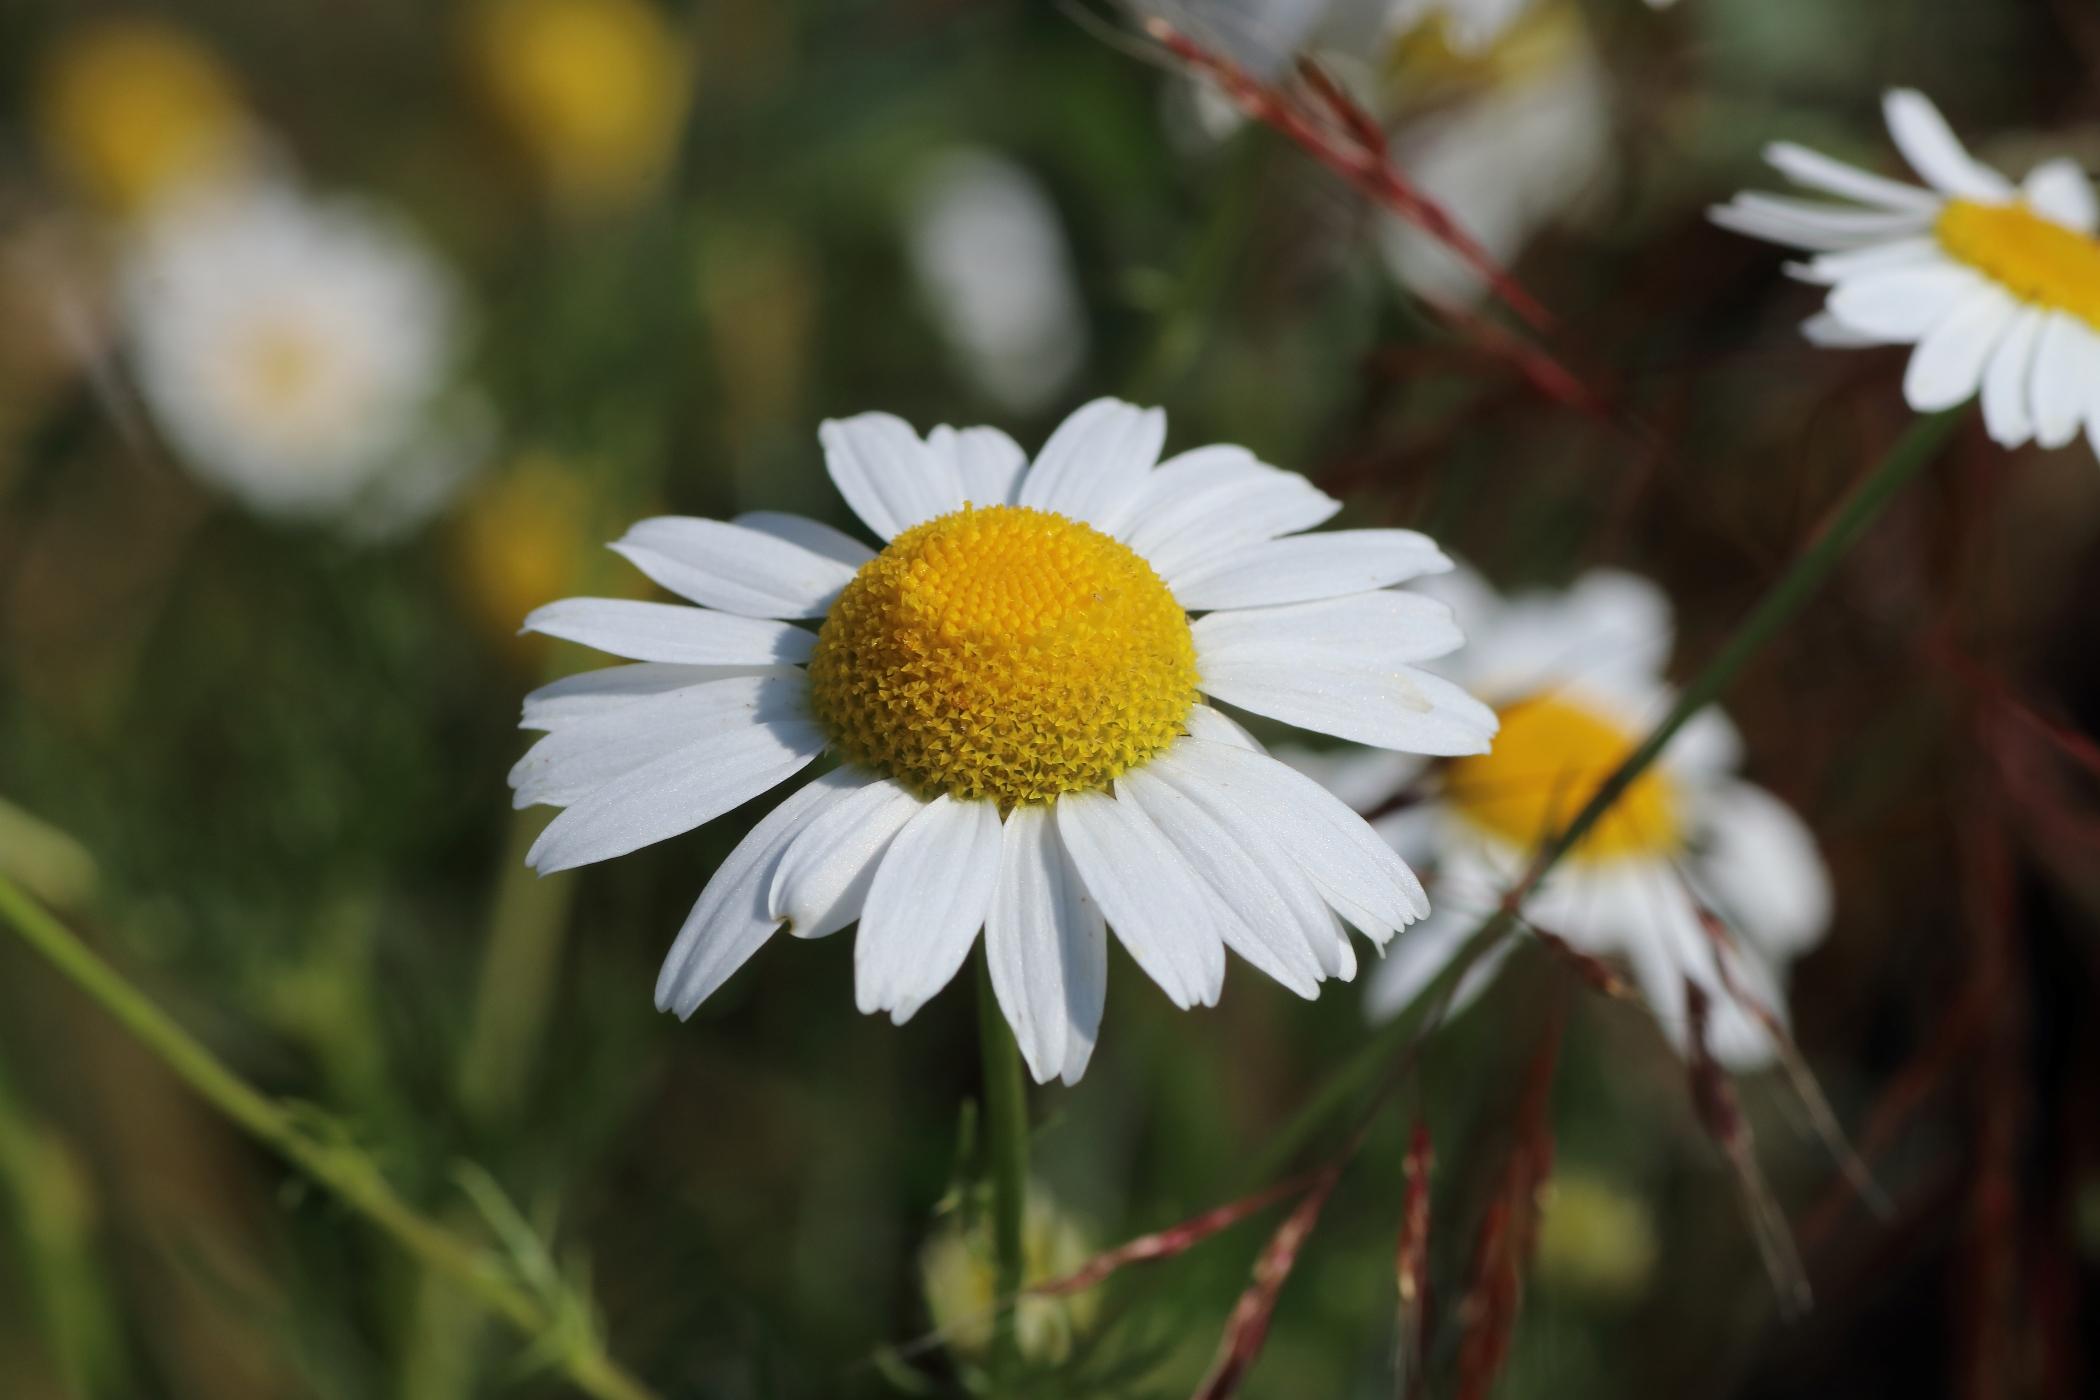 Echte Kamille - Blüte im Detail